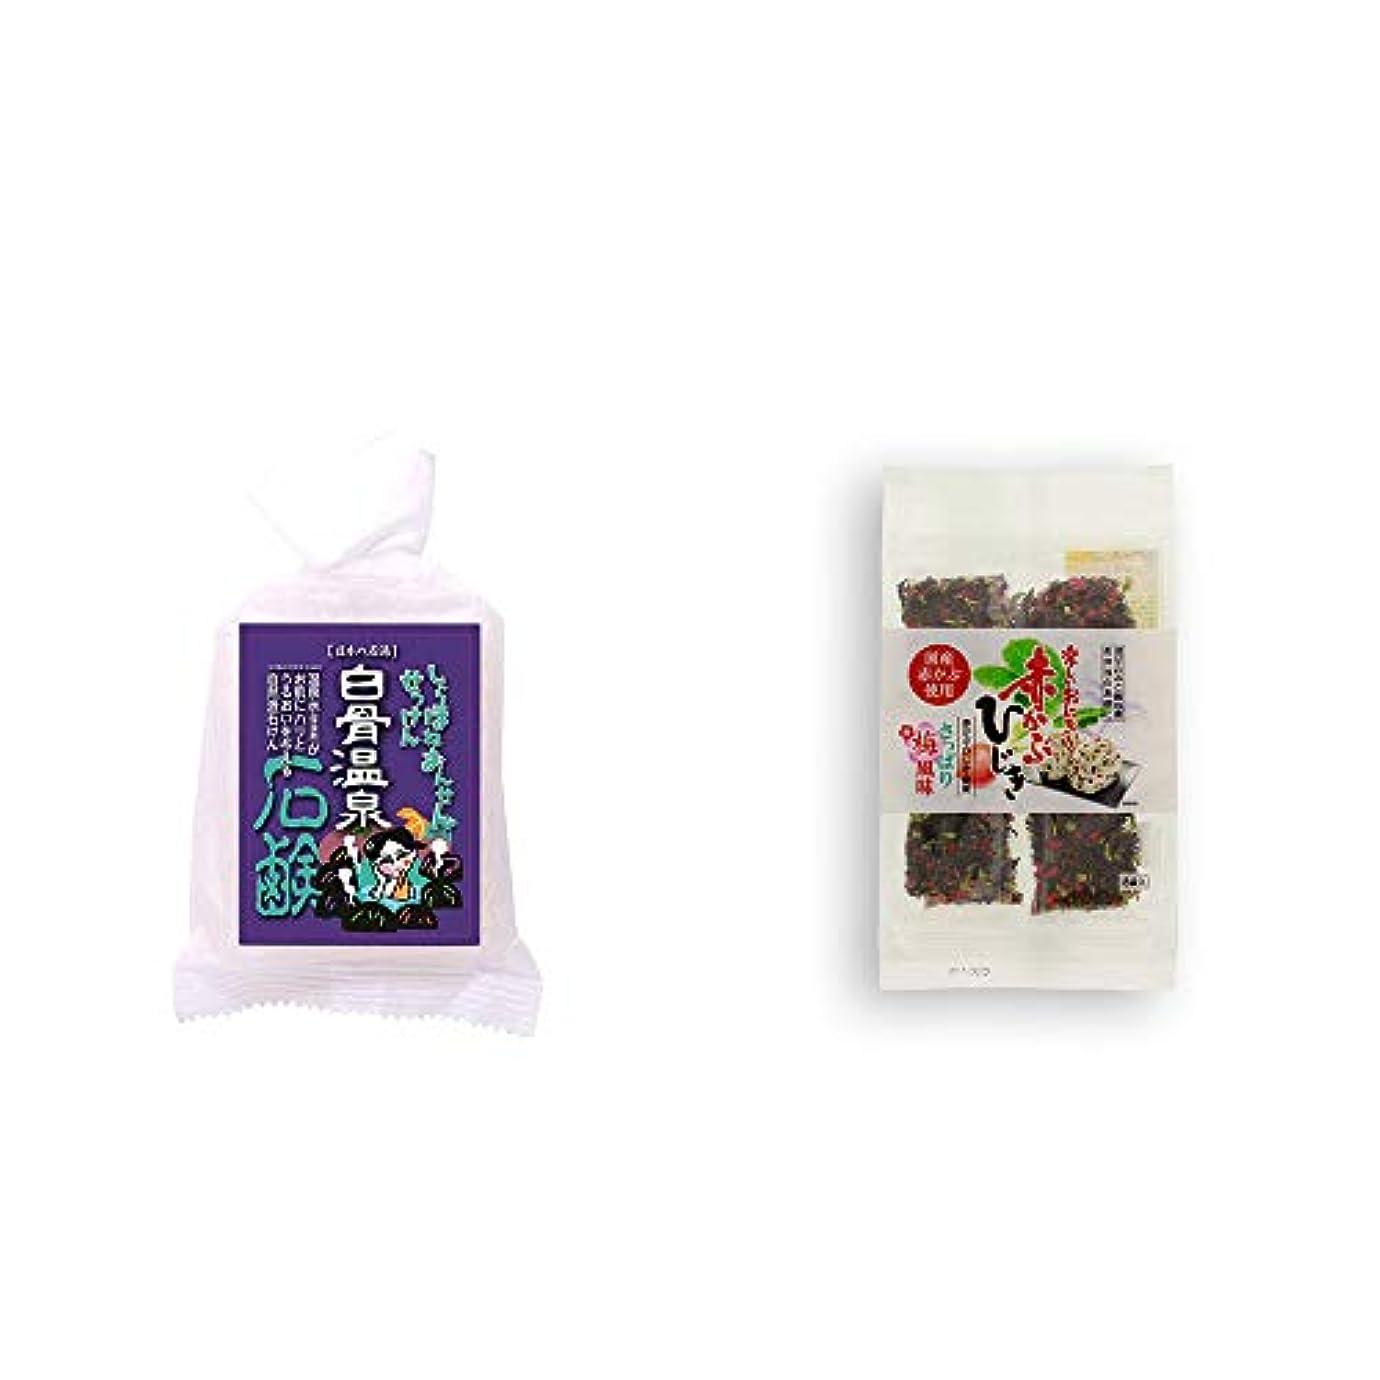 マイルドスイス人神聖[2点セット] 信州 白骨温泉石鹸(80g)?楽しいおにぎり 赤かぶひじき(8g×8袋)